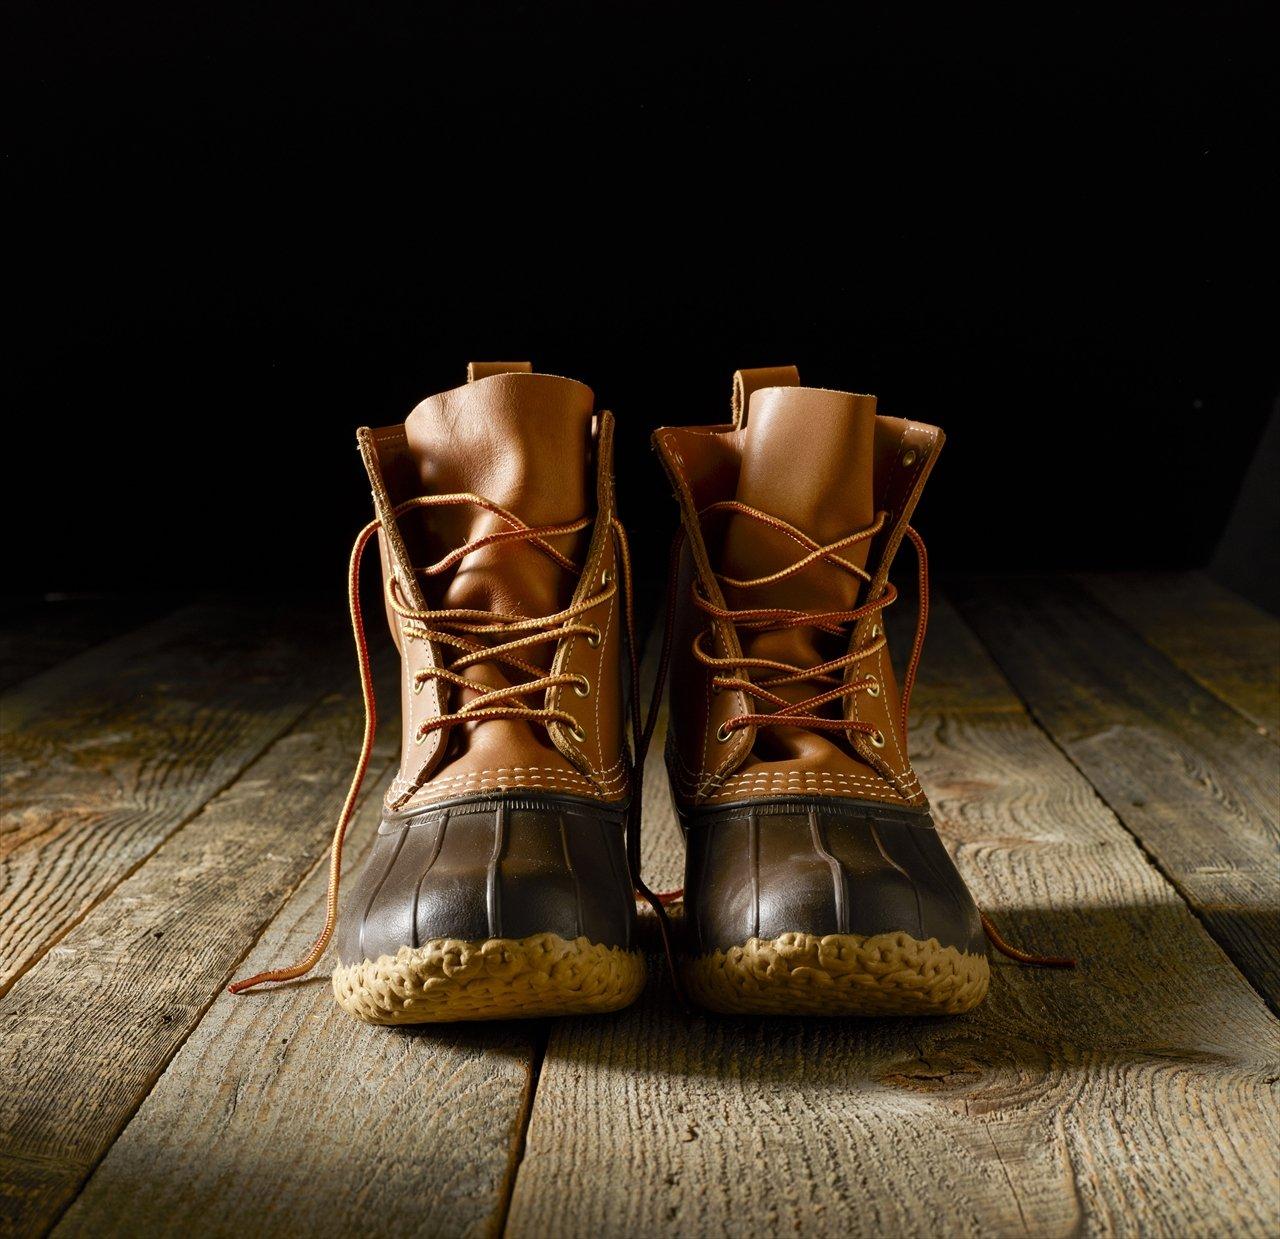 レザーのアッパーにゴムのソールを縫い付けたビーン・ブーツが創業のきっかけとなったアイテム